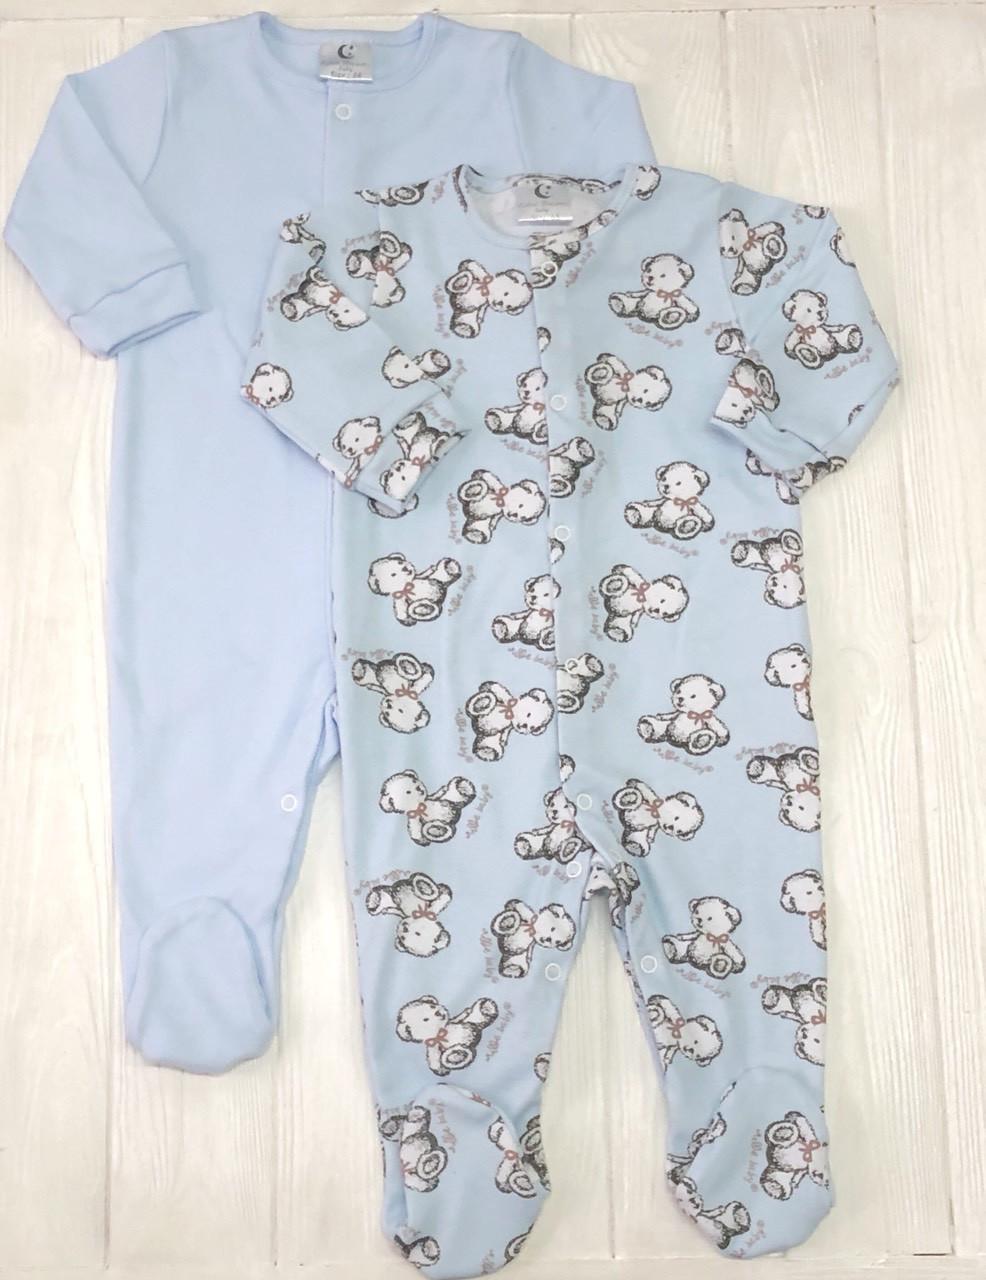 Нежный детский комплект из 2 штук  Человечков,слипов Плюшевые мишки+голубой